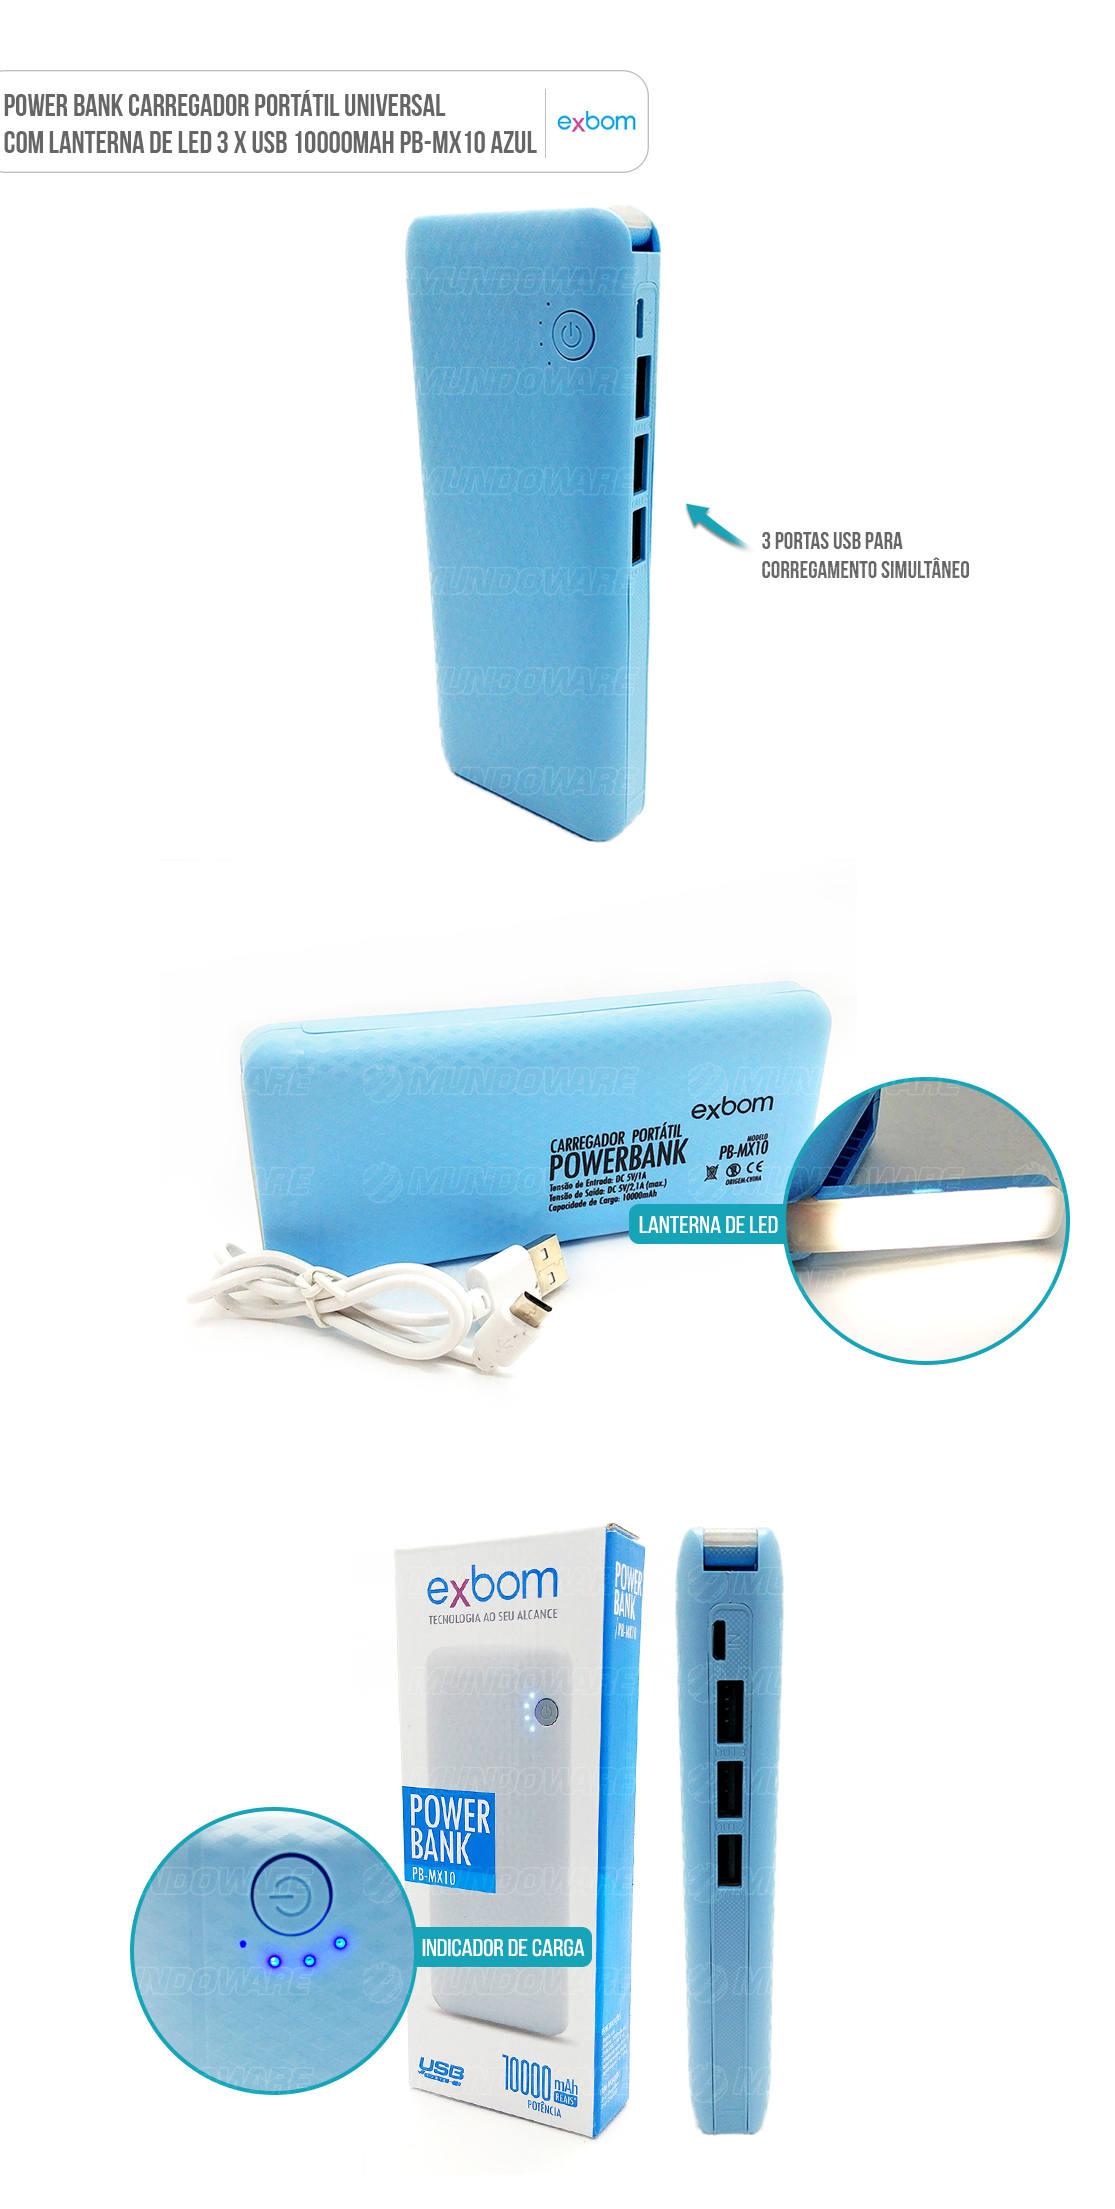 Power Bank Carregador Portátil Universal com lanterna de LED 3 x USB 10000mAh Azul